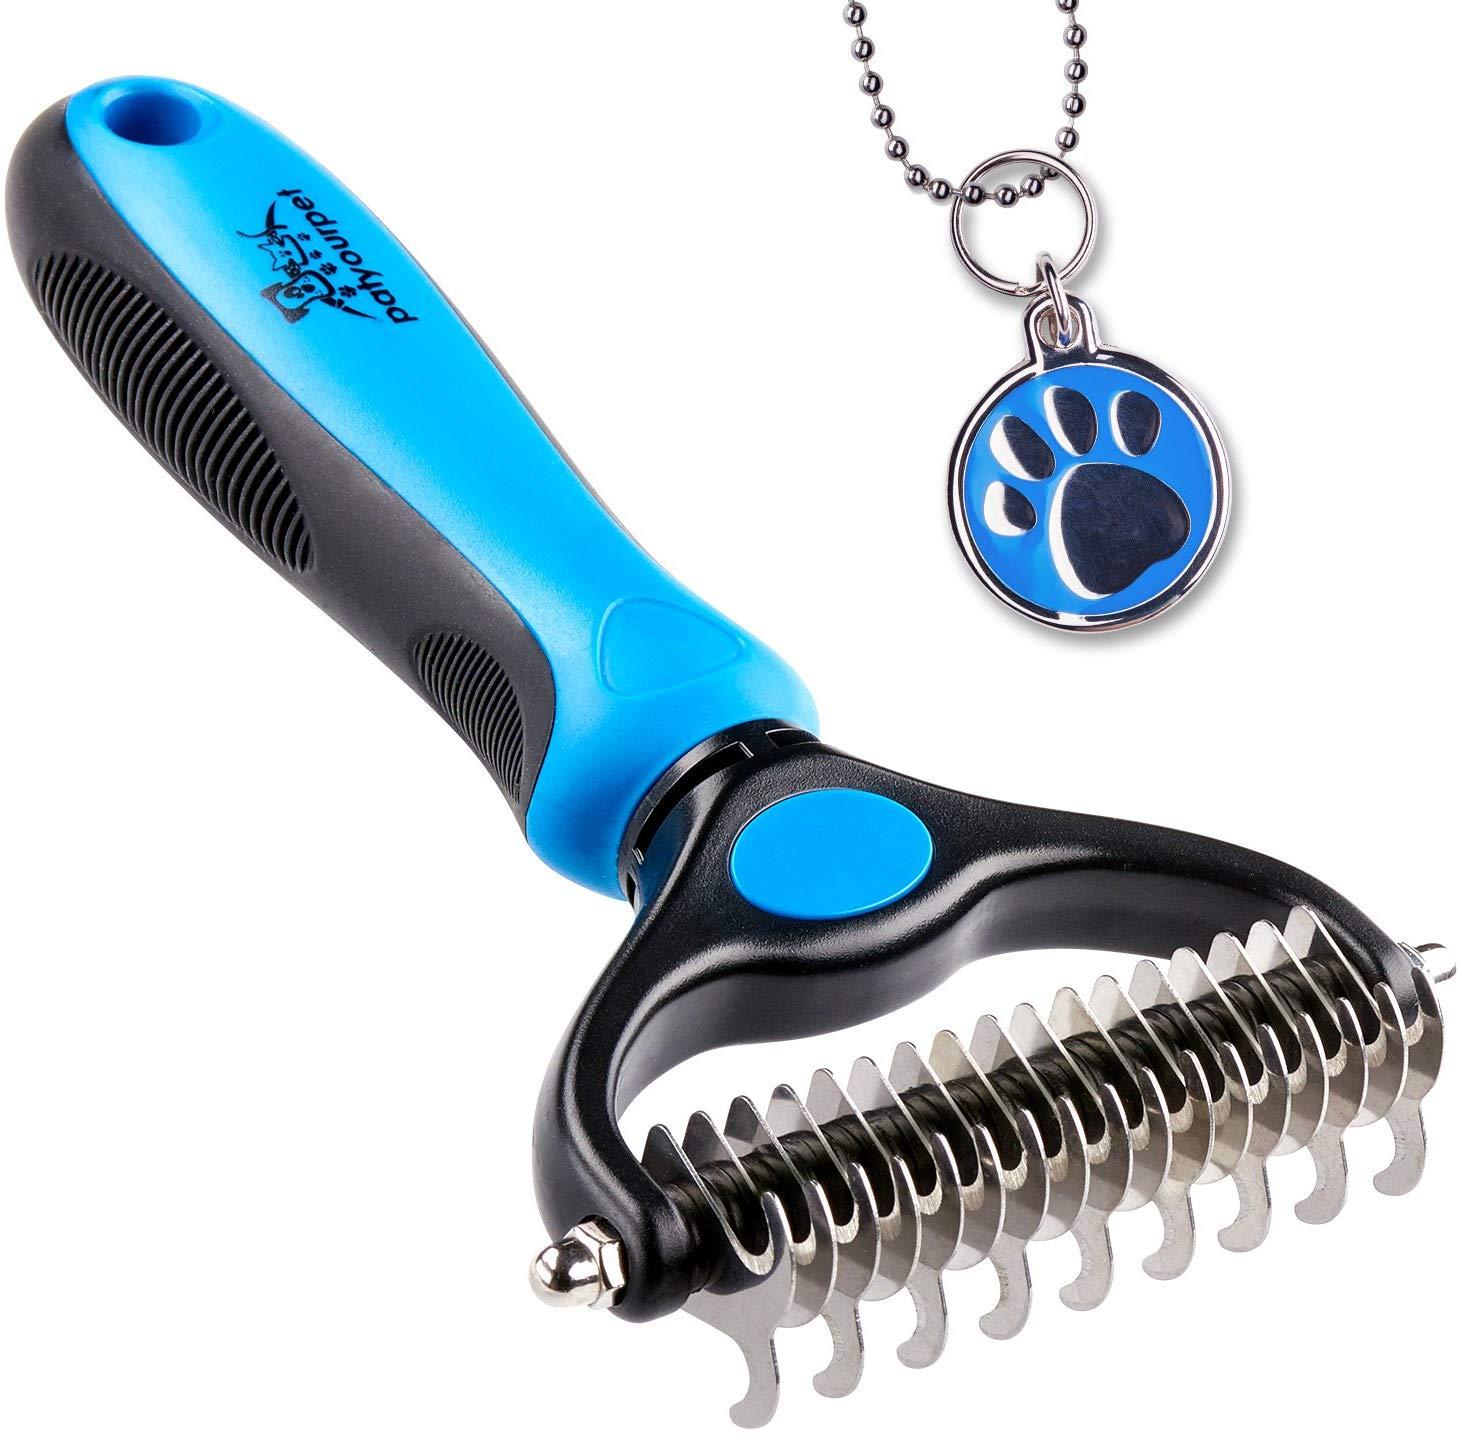 Pat Your Pet Dematting Comb